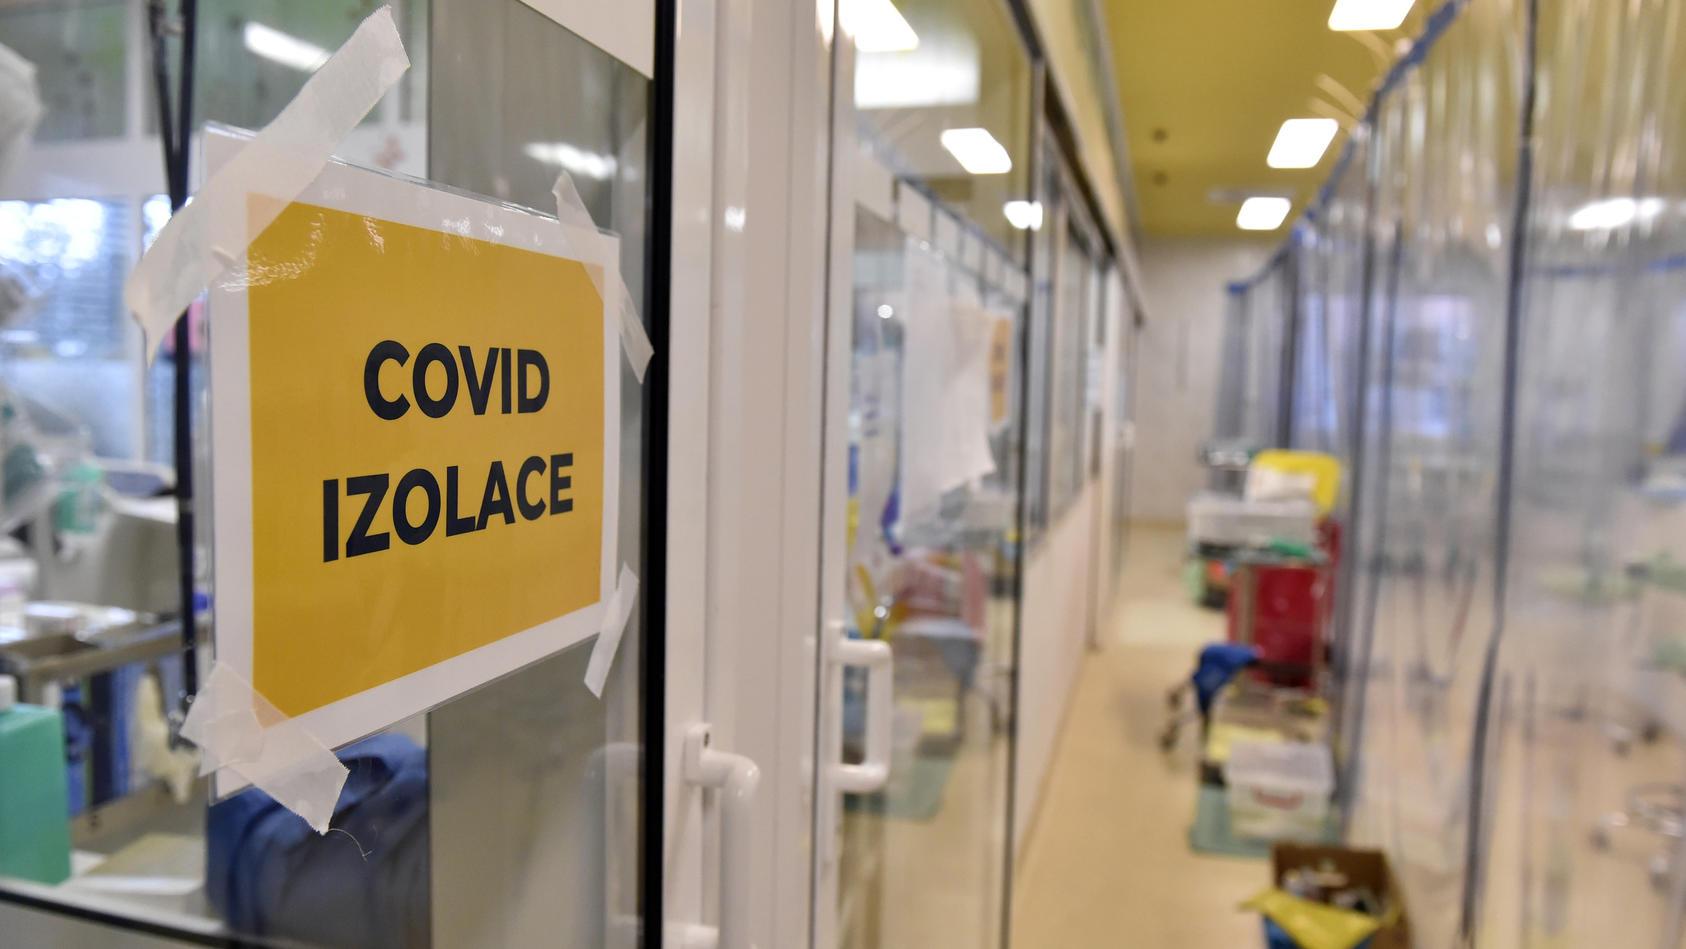 Tschechien: Coronavirus-Station in einem Krankenhaus (Archivbild)